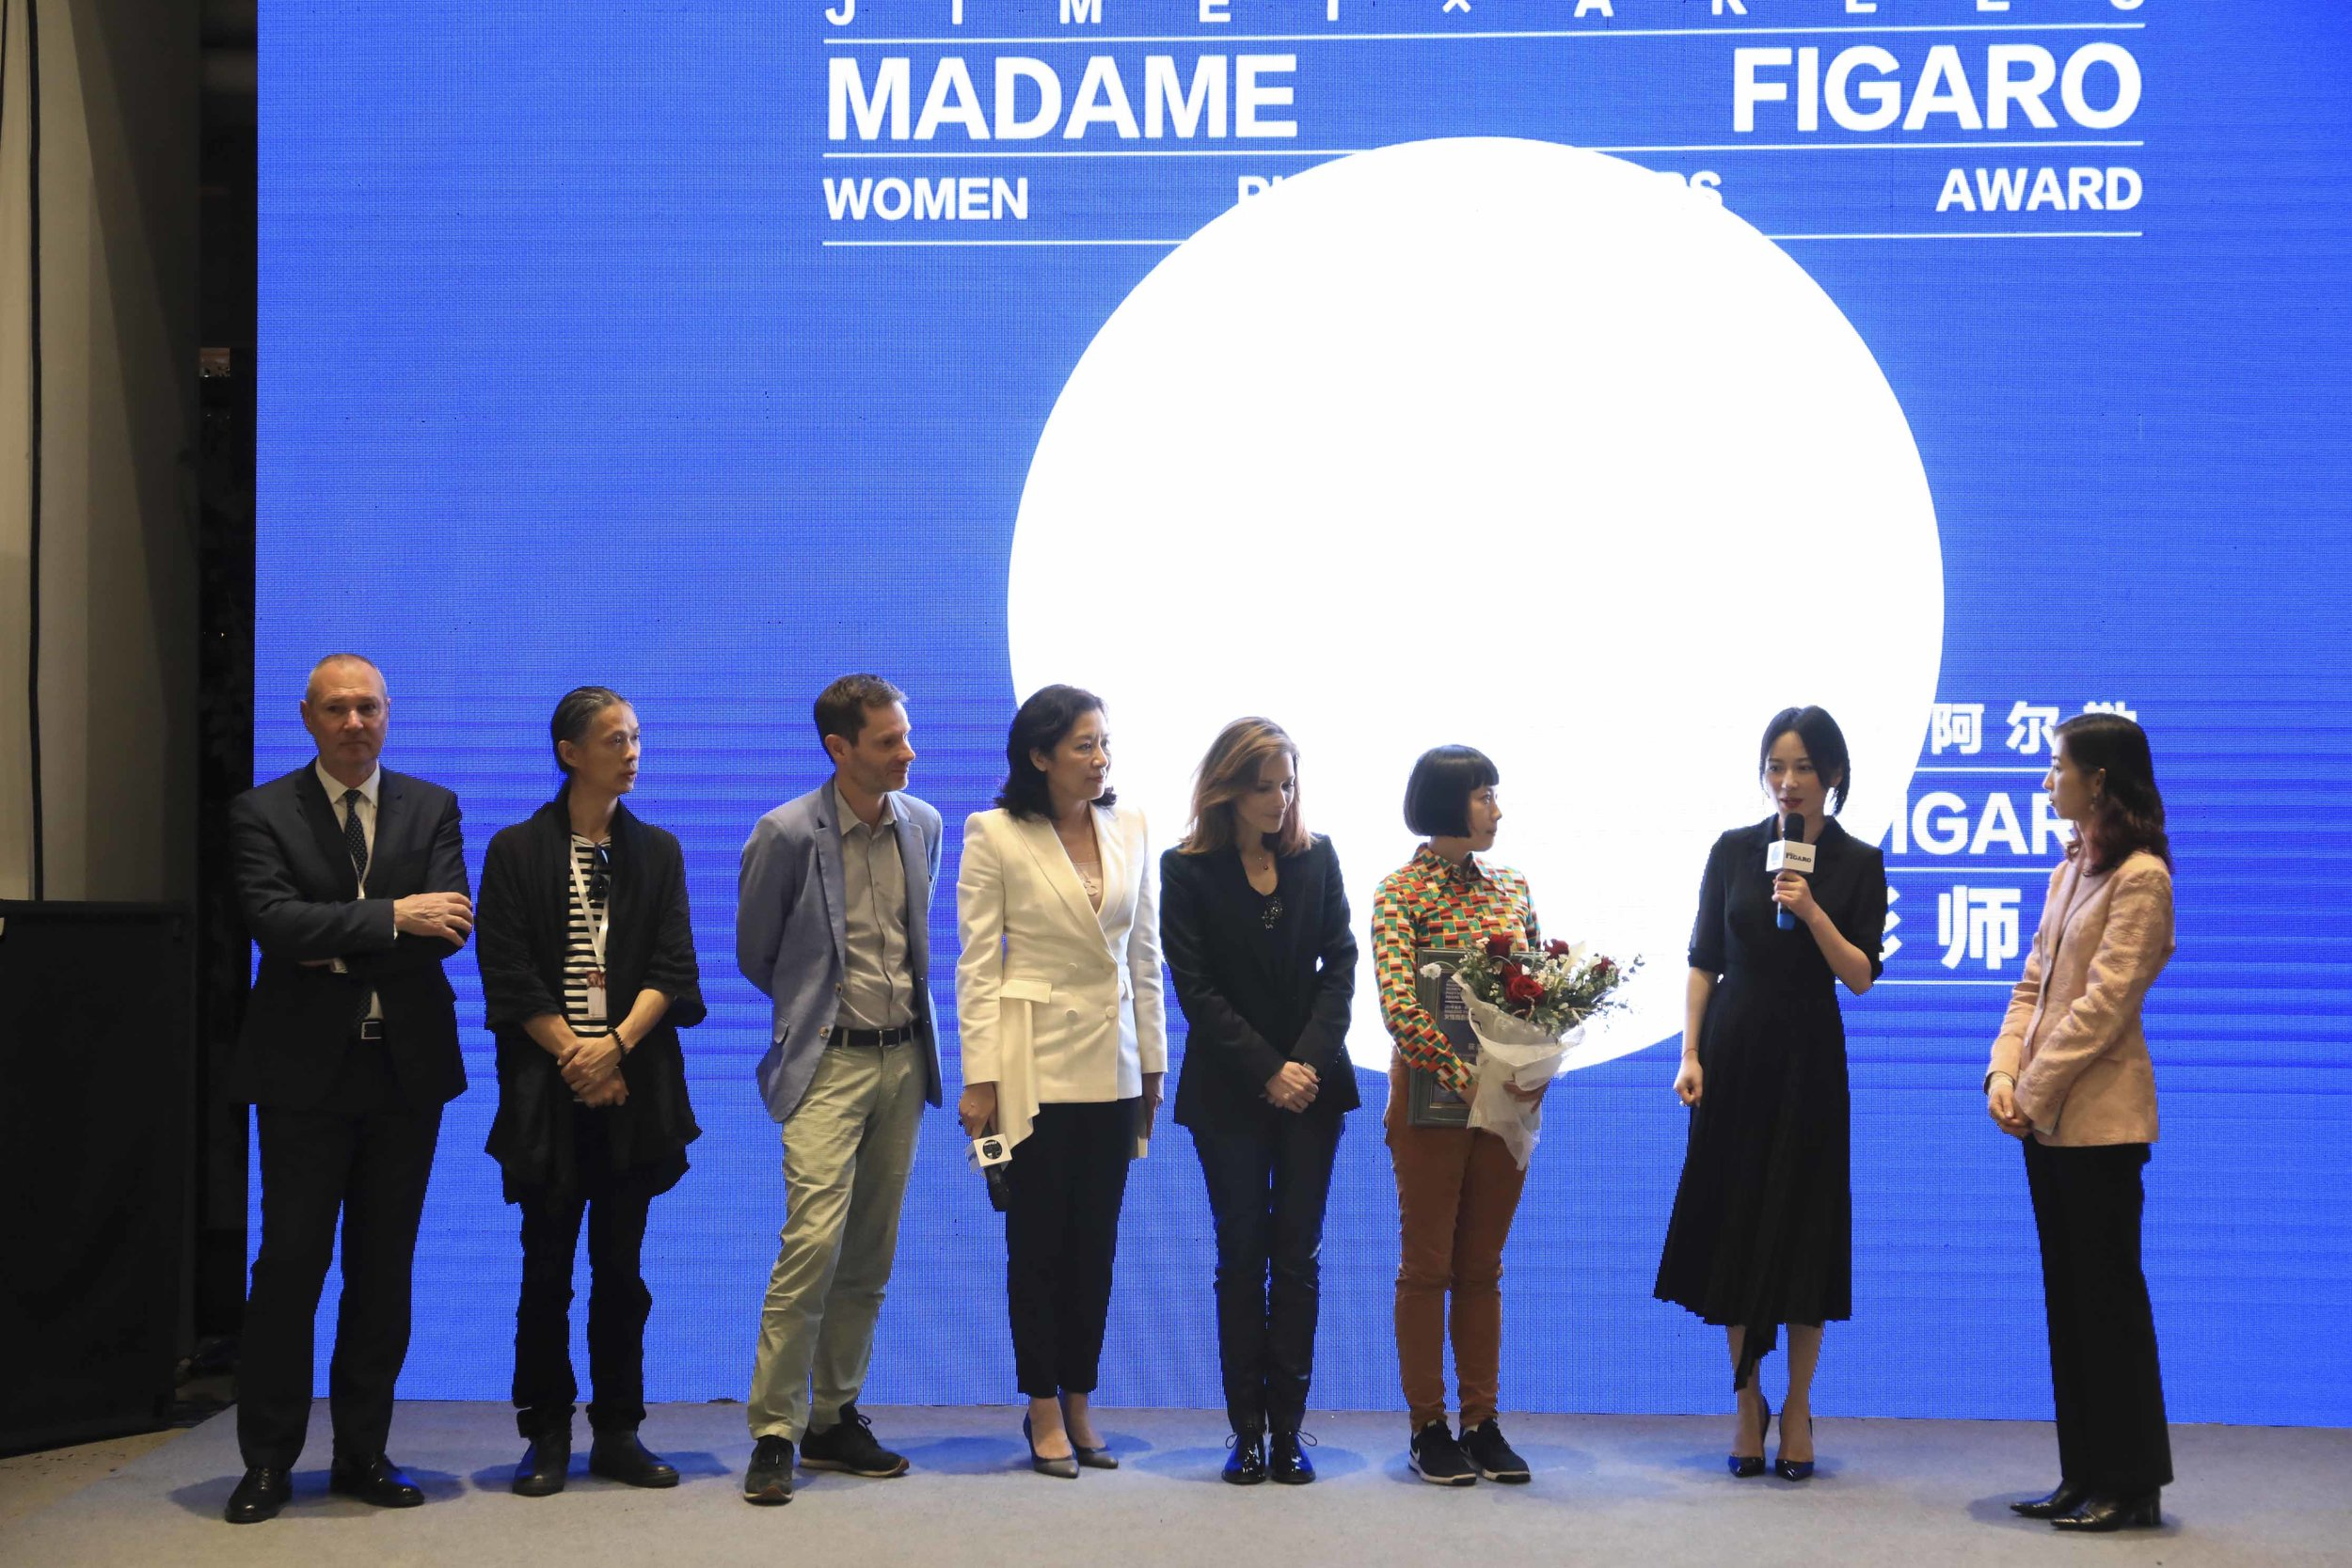 集美· 阿尔勒 x Madame Figaro女性摄影师奖获奖人 –    廖逸君